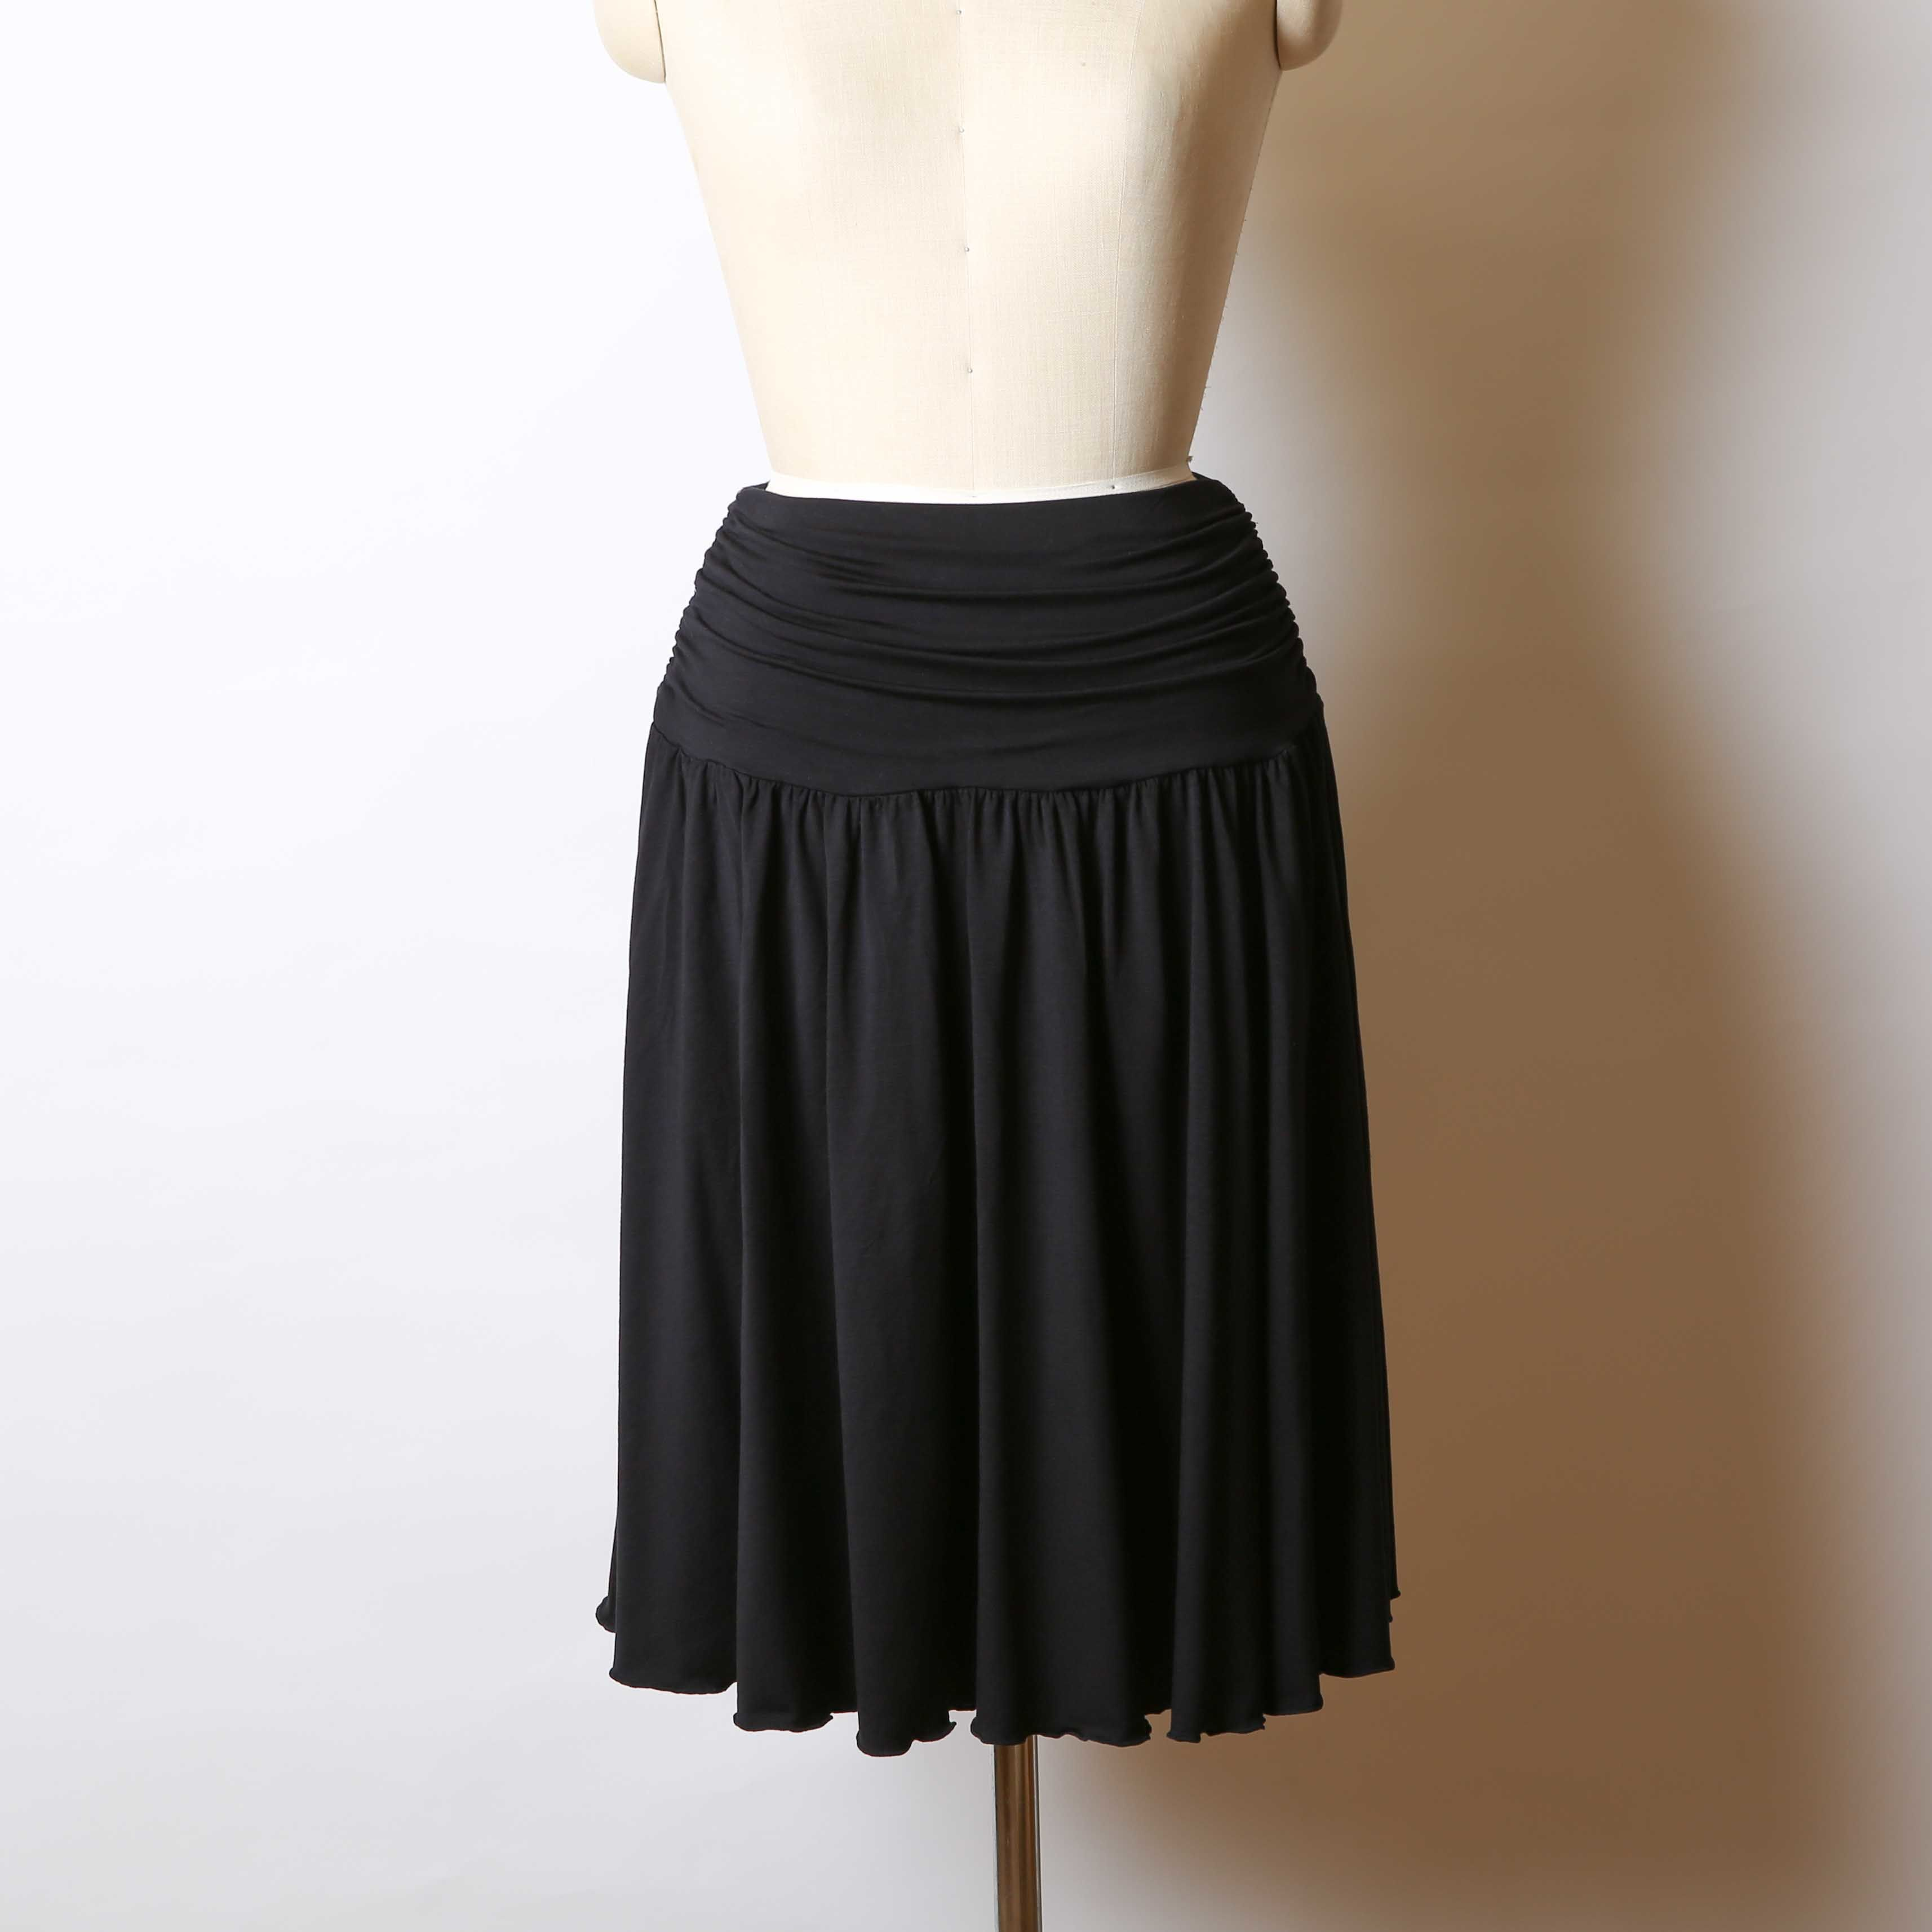 フレアギャザースカート/161K009(C.ブラック)